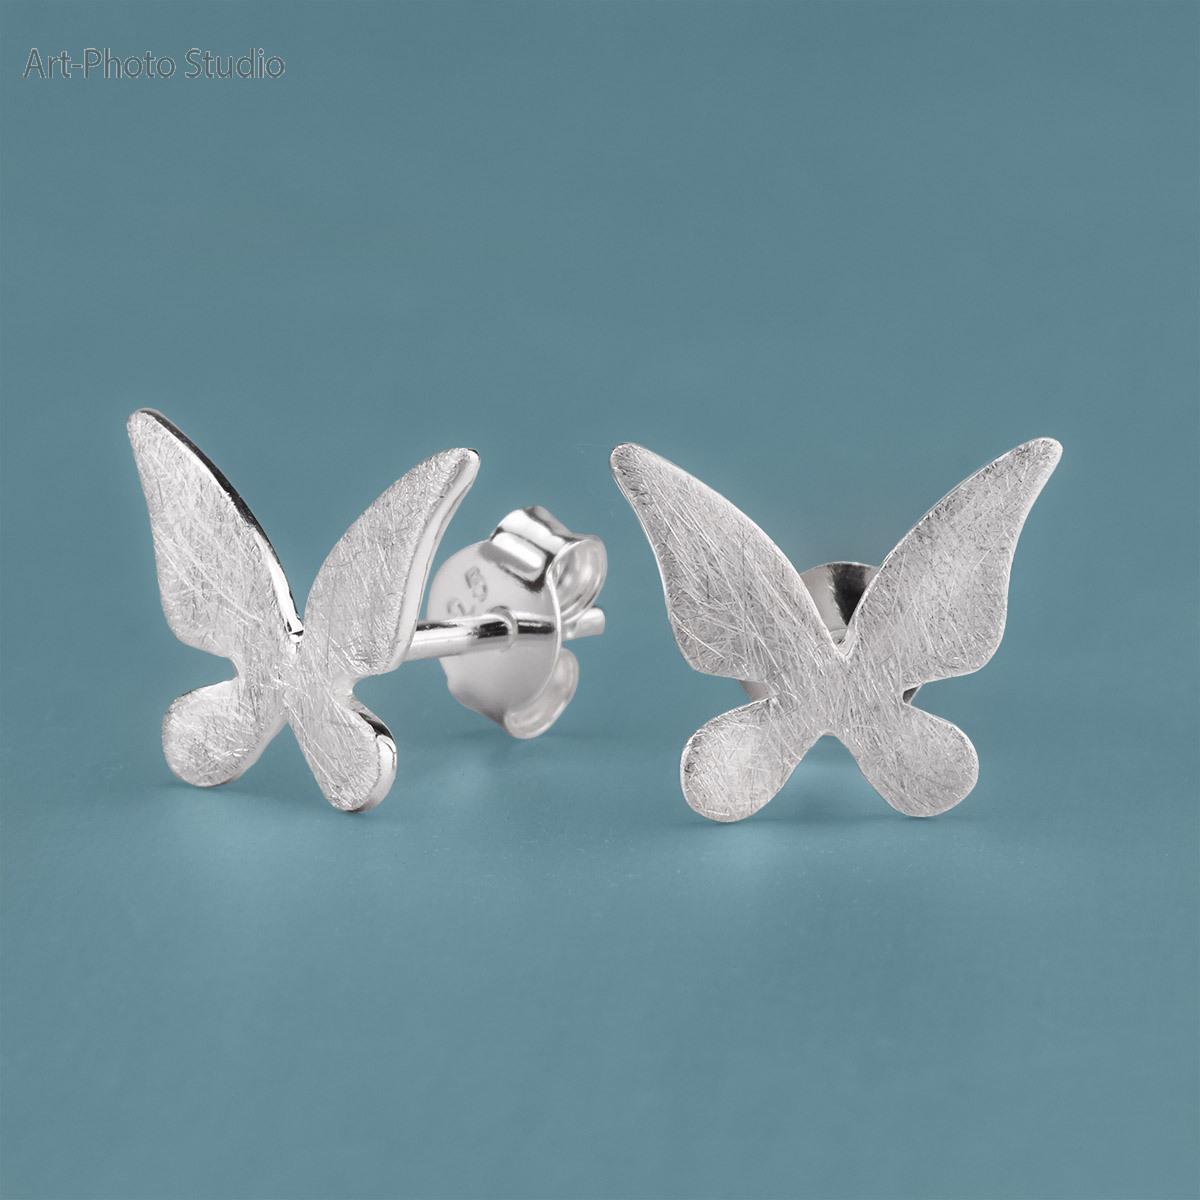 фотография ювелирных украшений - серьги из серебра